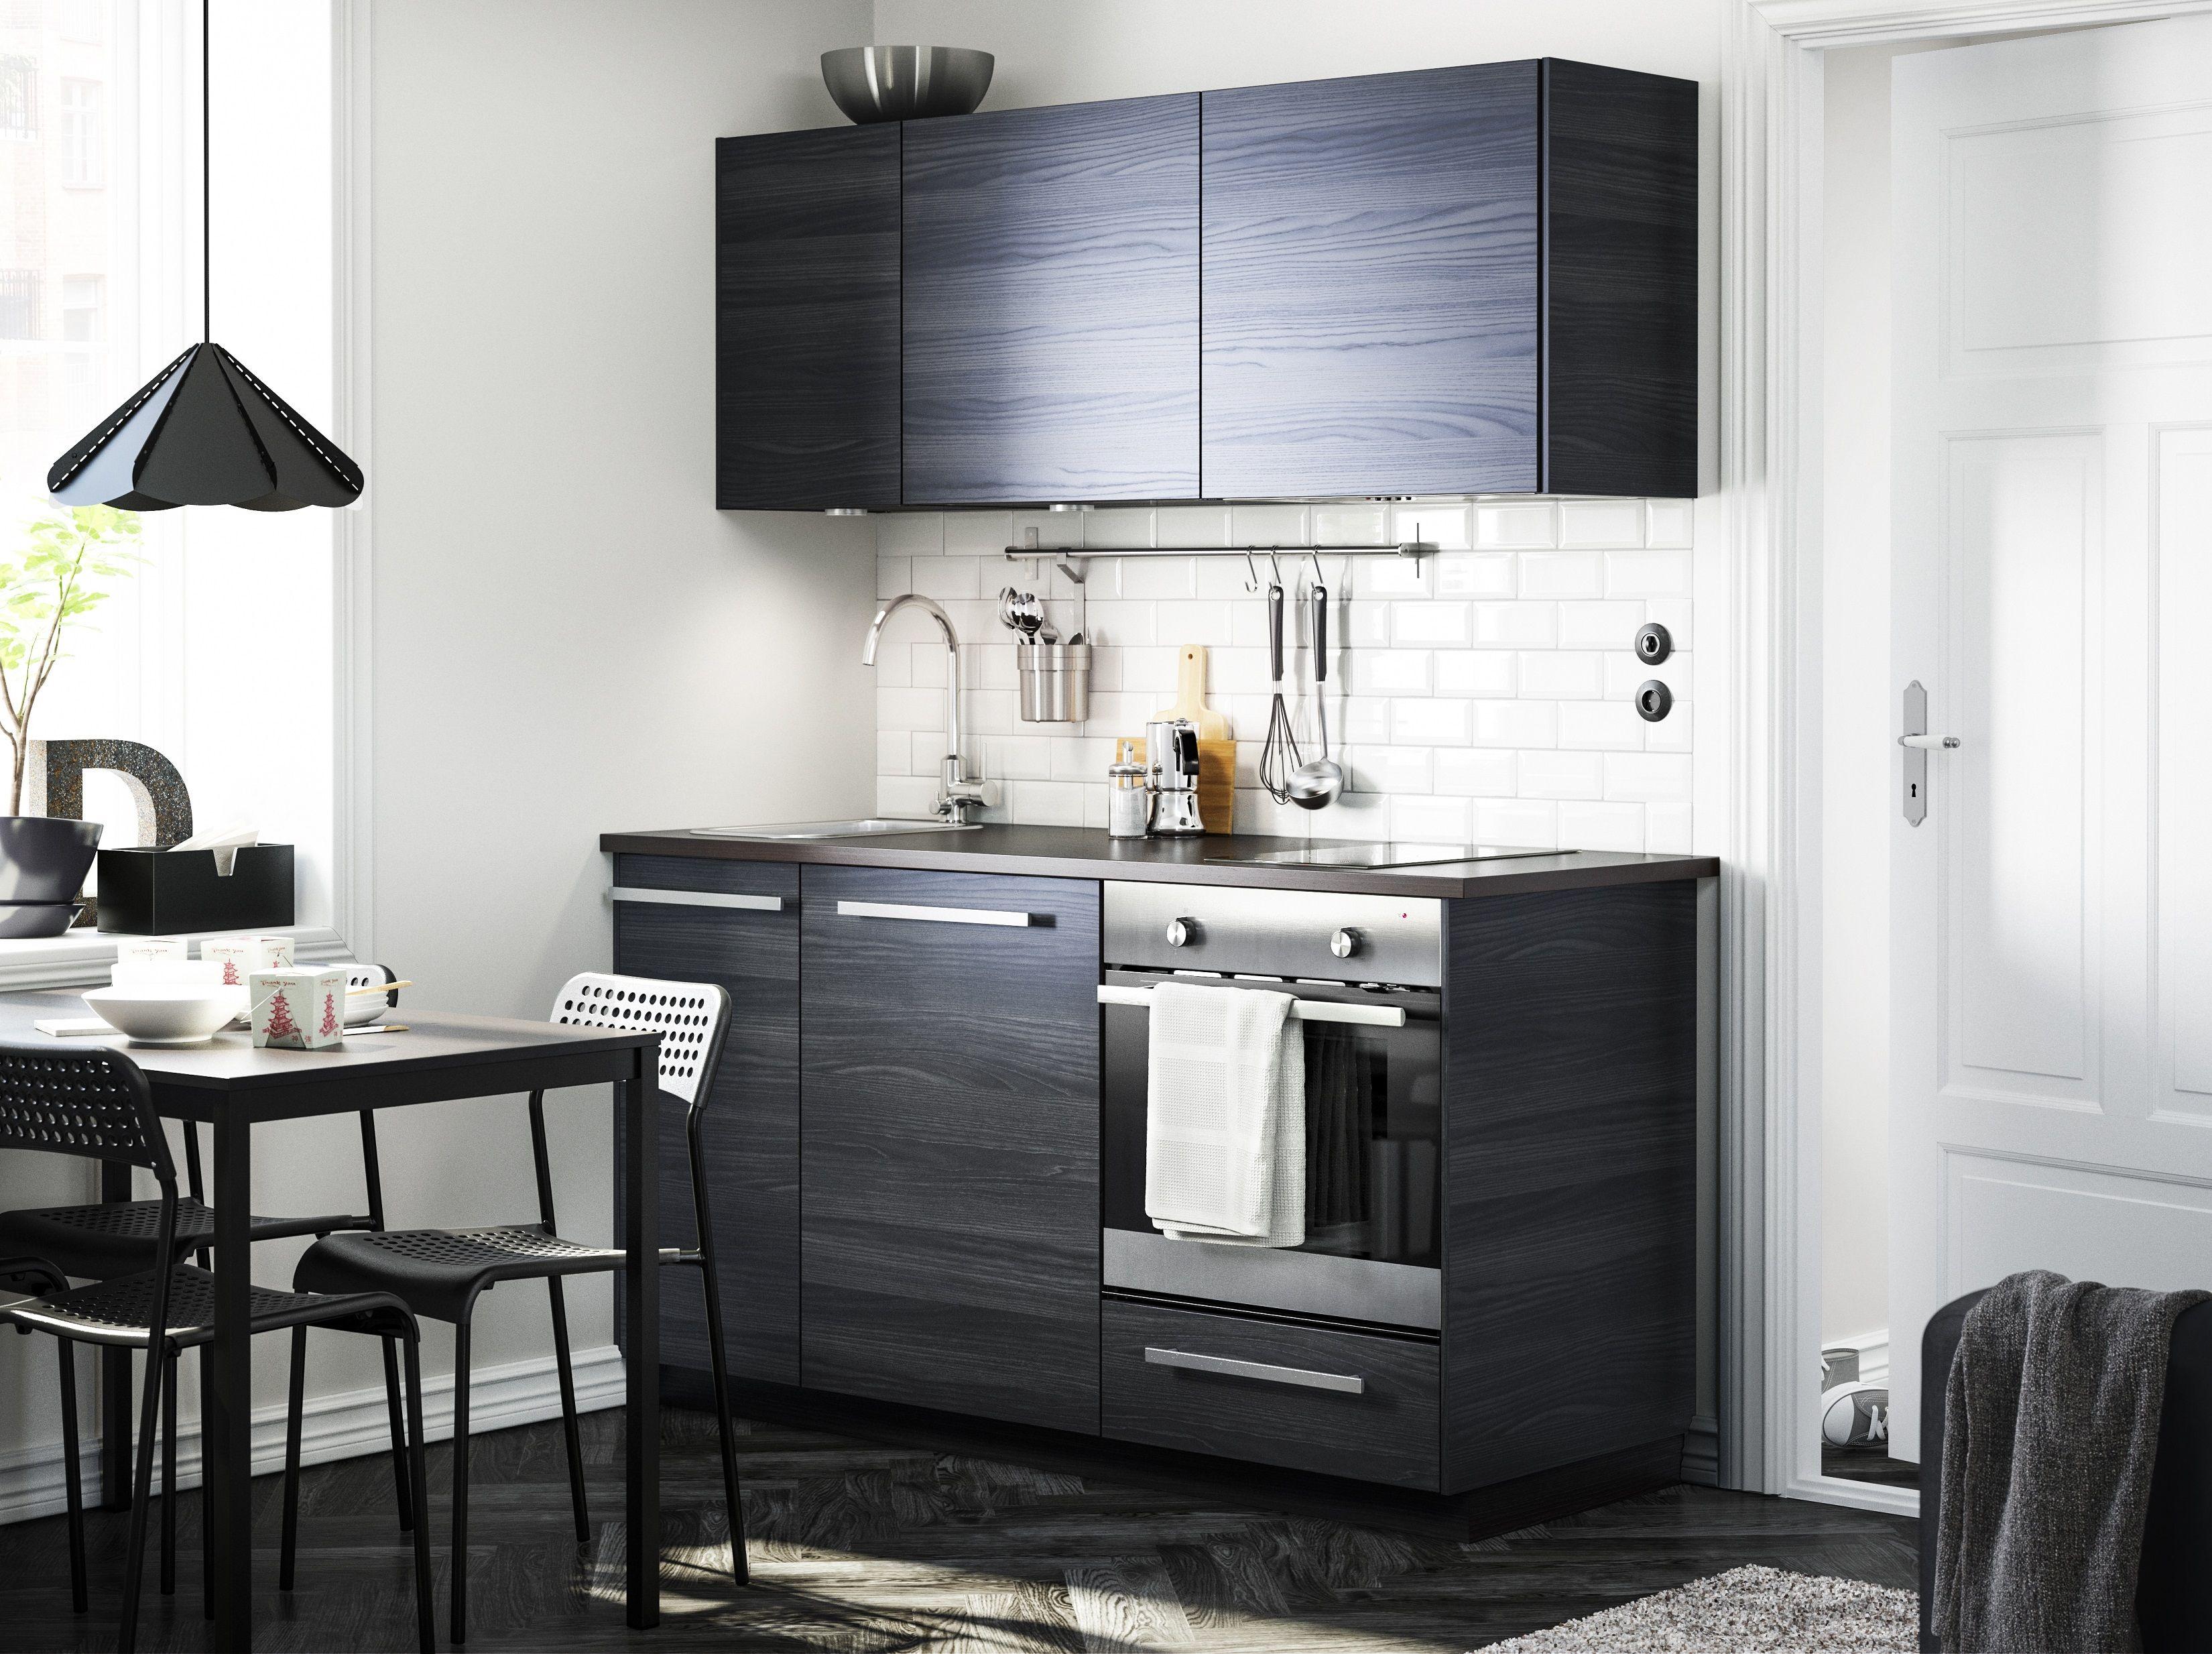 Keuken Ikea Moderne : Metod keuken #ikea #ikeanl #zwartbruin #modern #donker